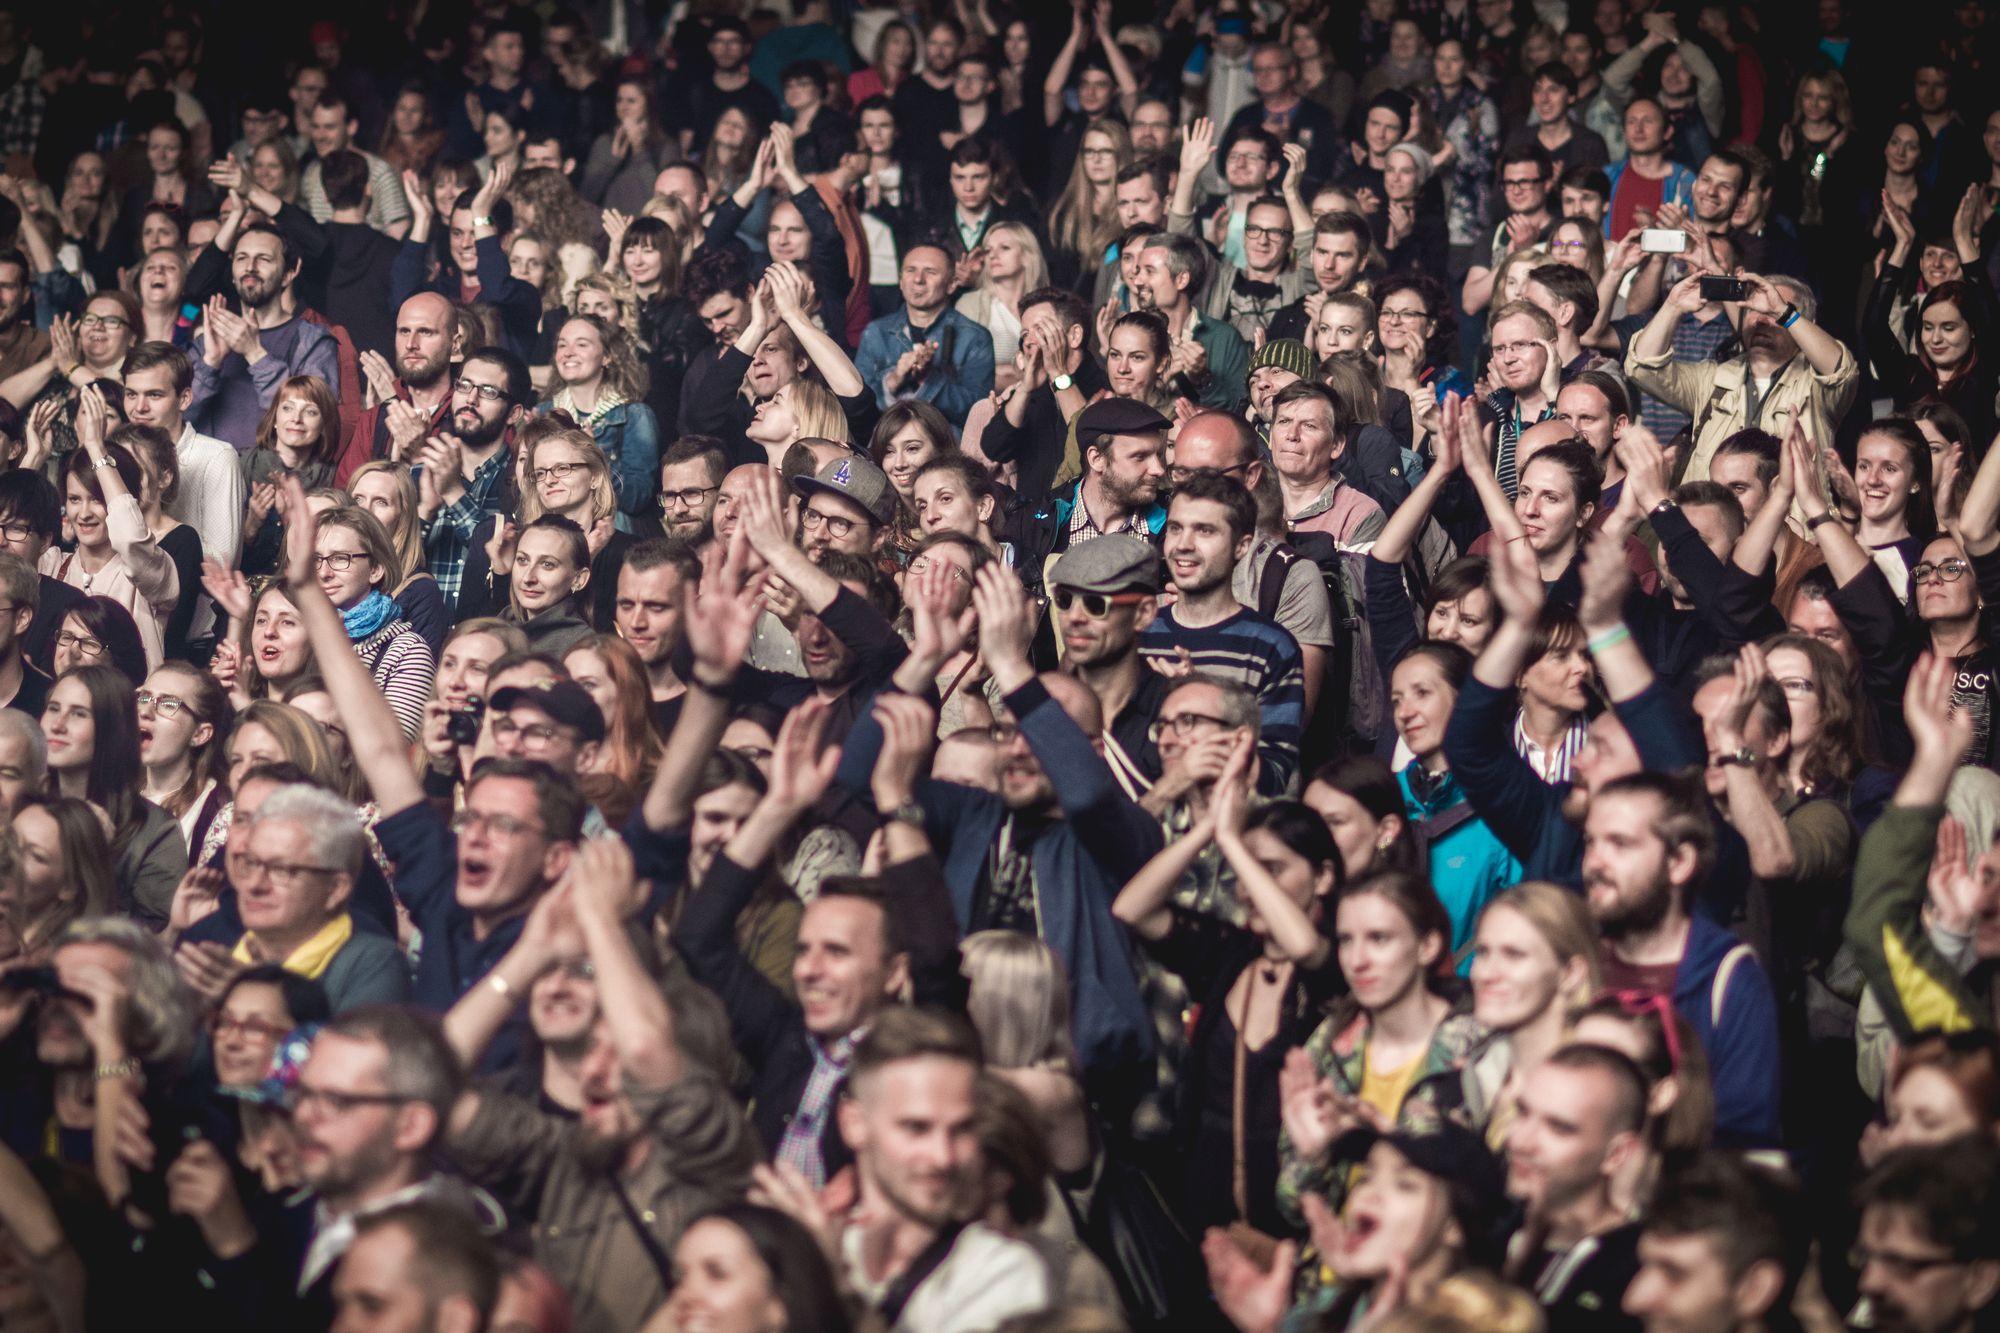 [Zdjęcie przedstawia rozentuzjazmowaną publiczność podczas koncertu. Widać, że wszyscy dobrze się bawią. Oświetla ich jasne światło.]